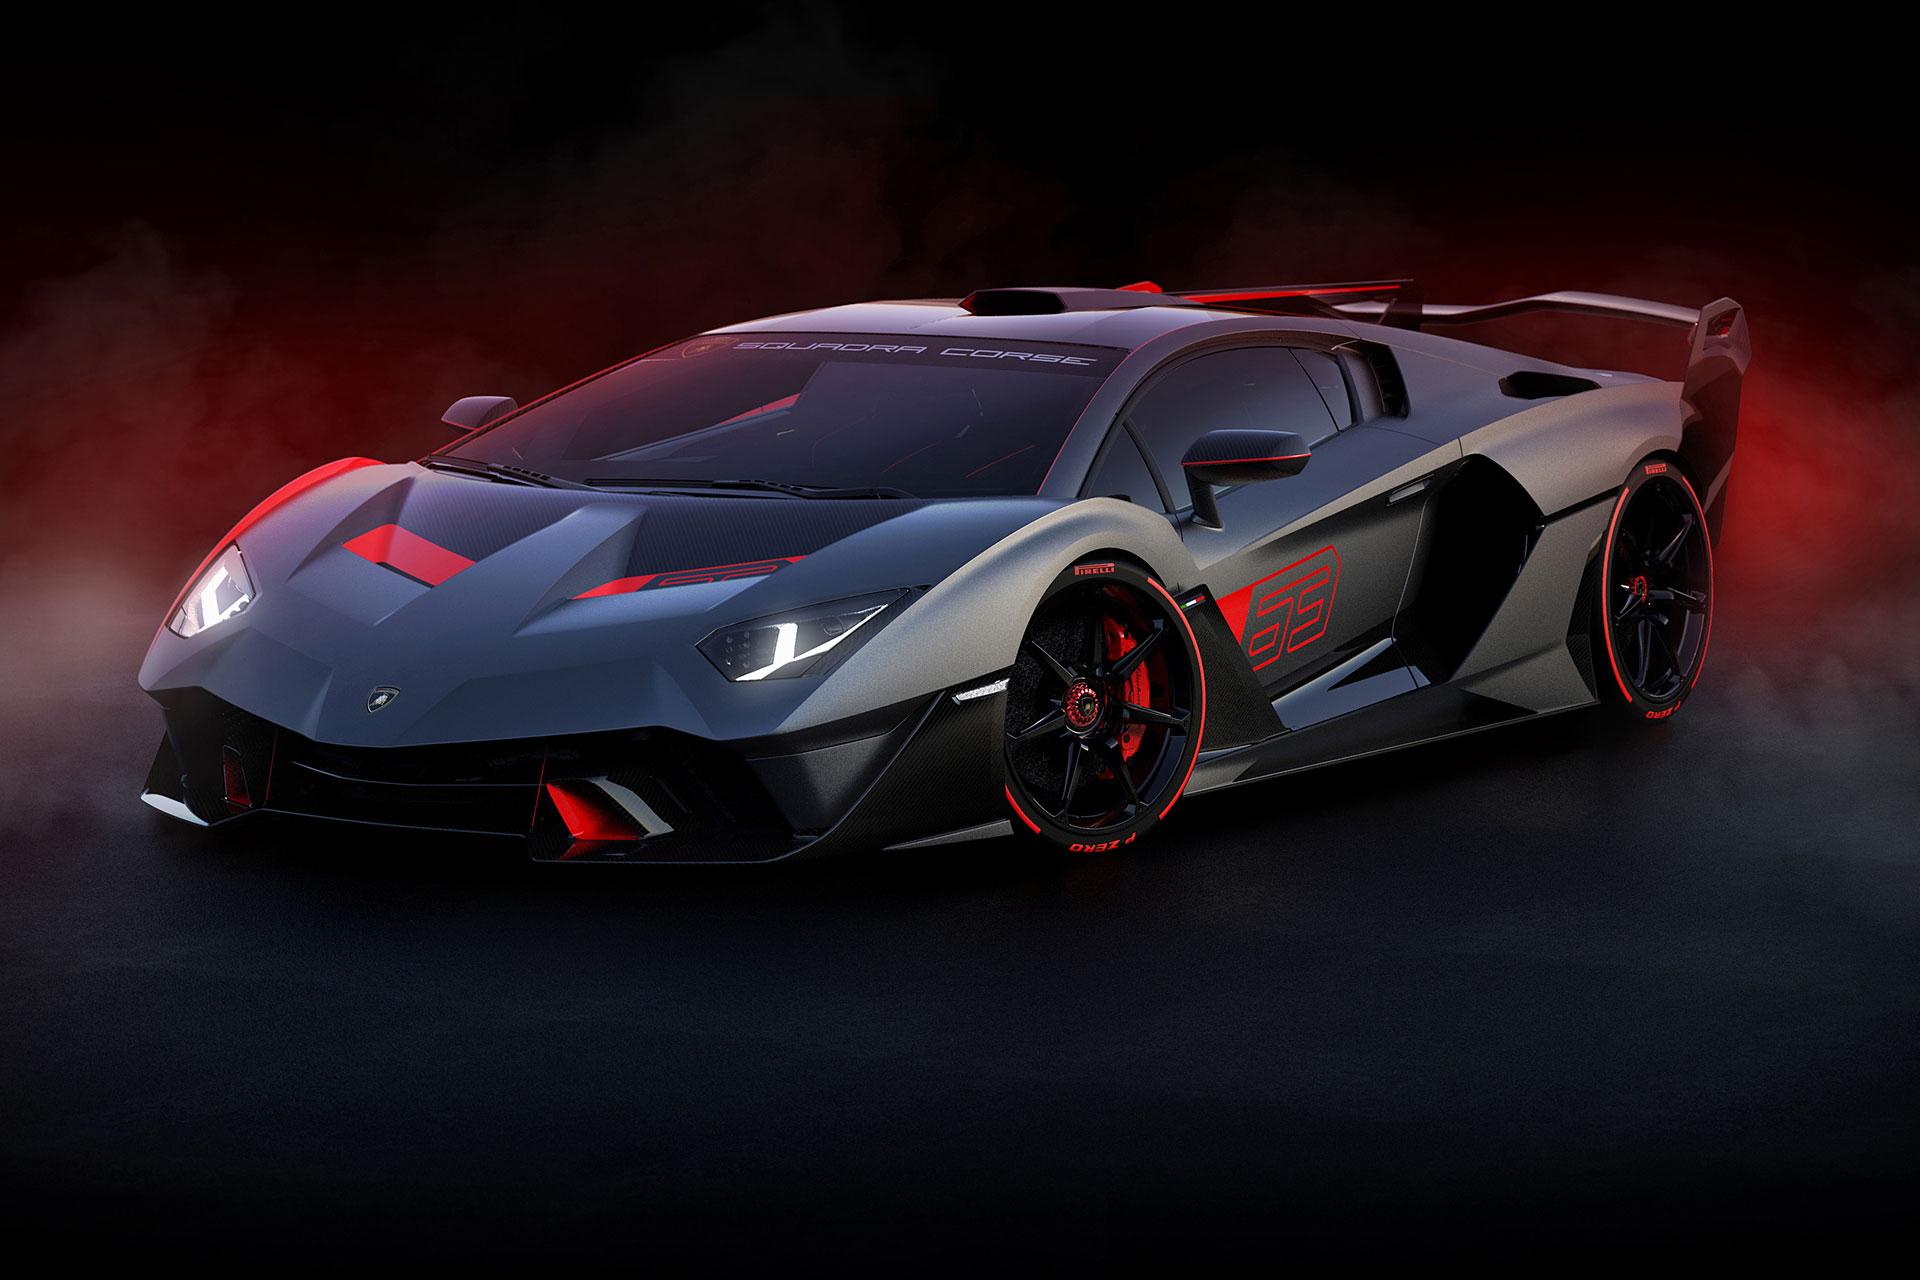 Lamborghini Squadra Corse SC18 Alston Track Car